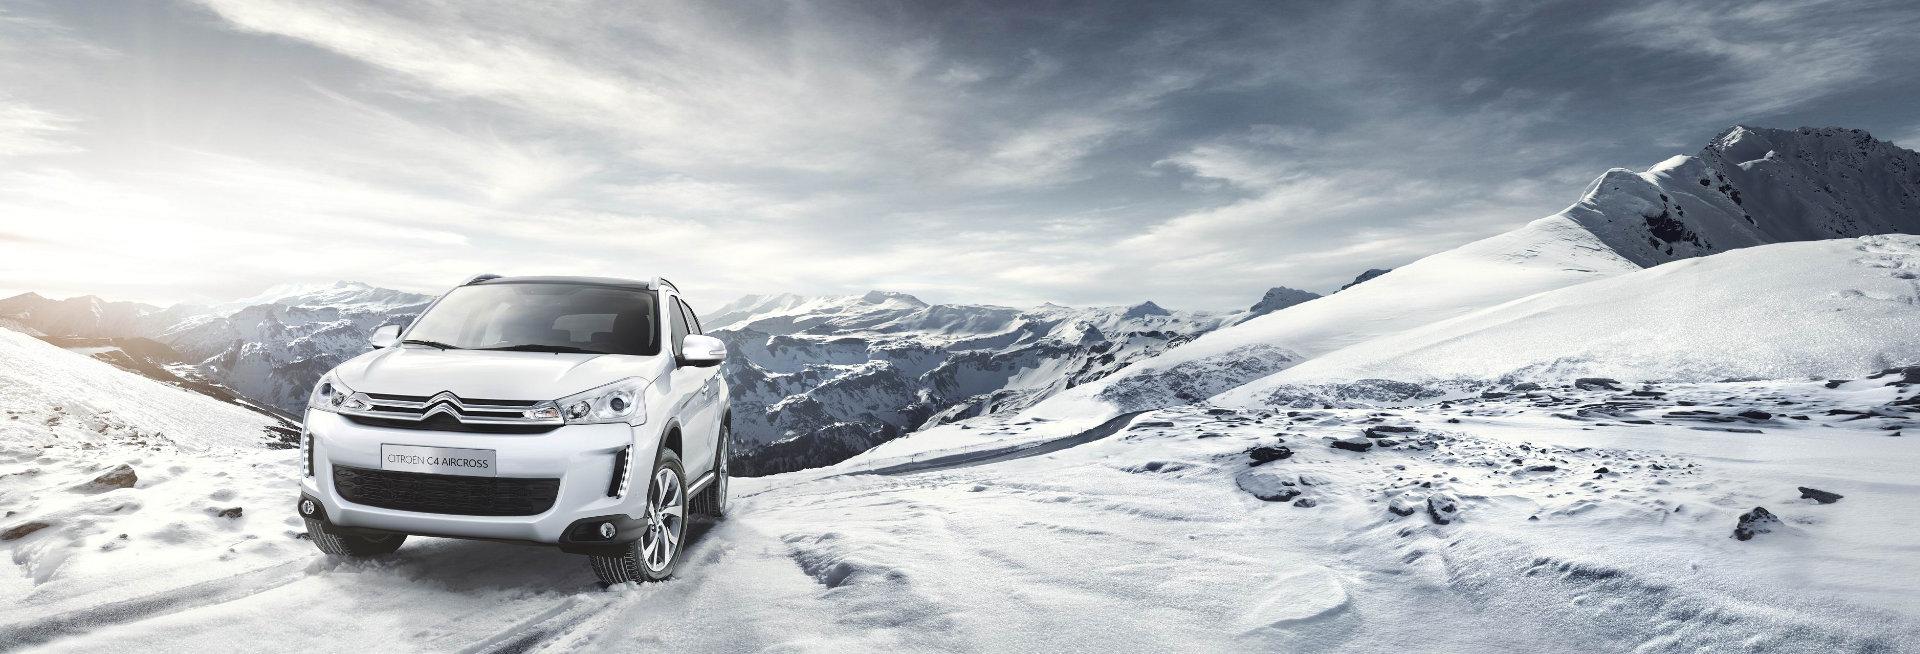 Sneeuwkettingen voor Citroën